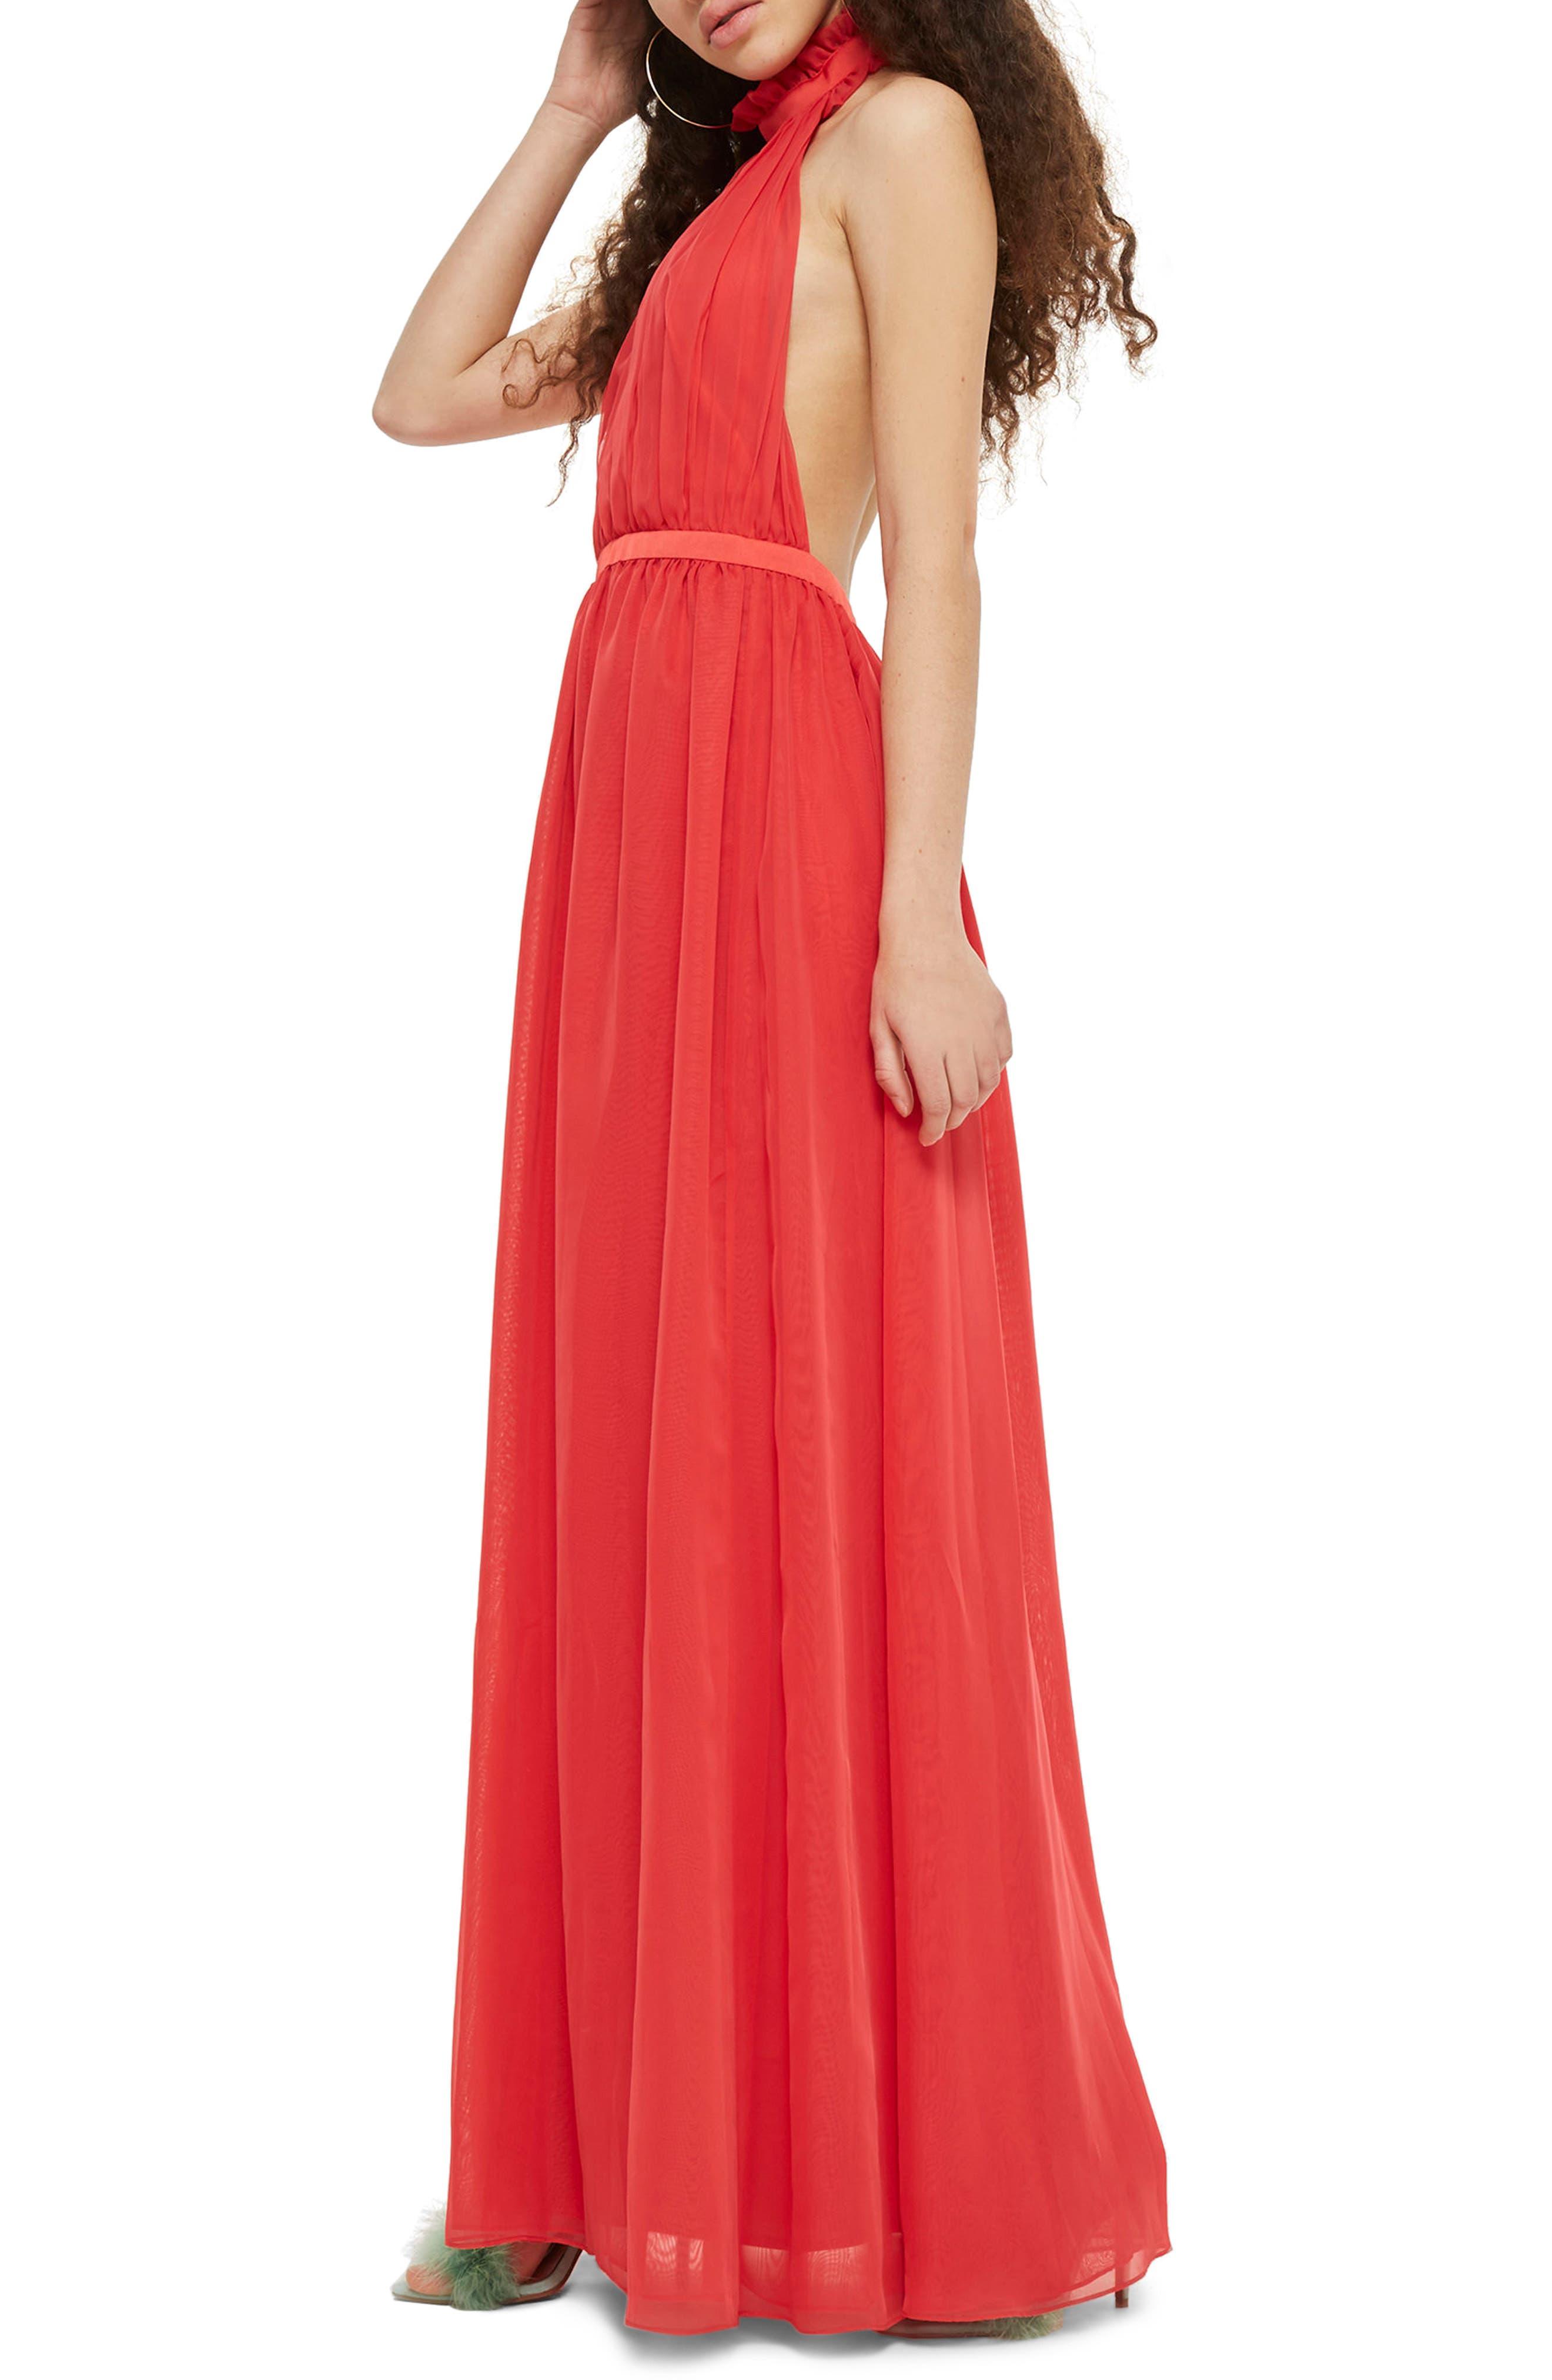 Taylor Halter Maxi Dress,                             Main thumbnail 1, color,                             Red